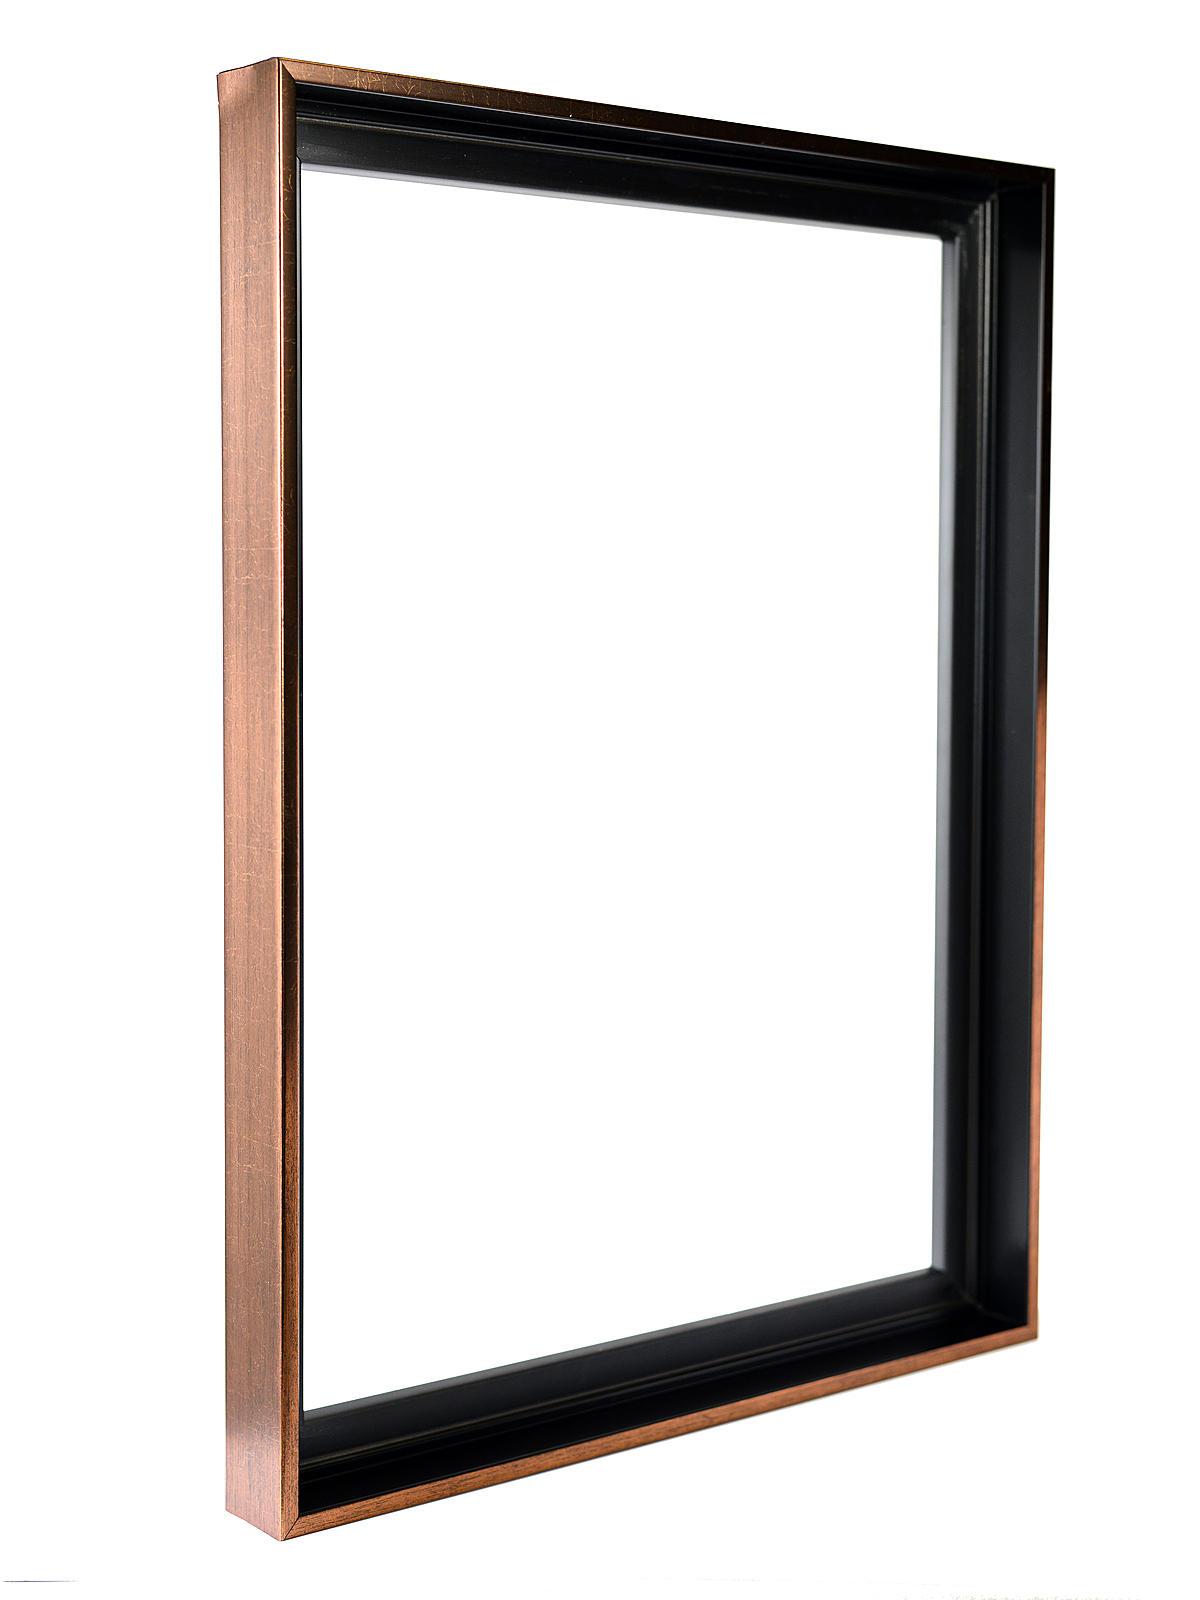 Gemline Frame Stretched Canvas Floater Frames | MisterArt.com